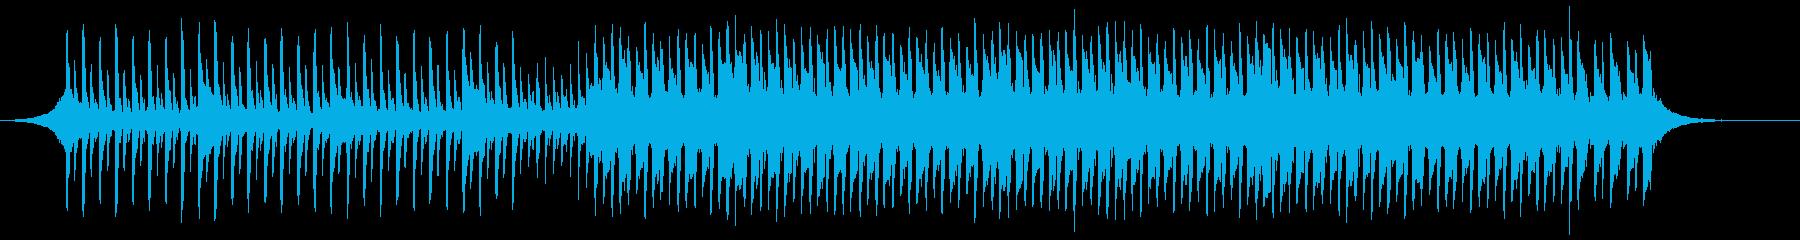 未来の技術 ポジティブ 明るい テ...の再生済みの波形